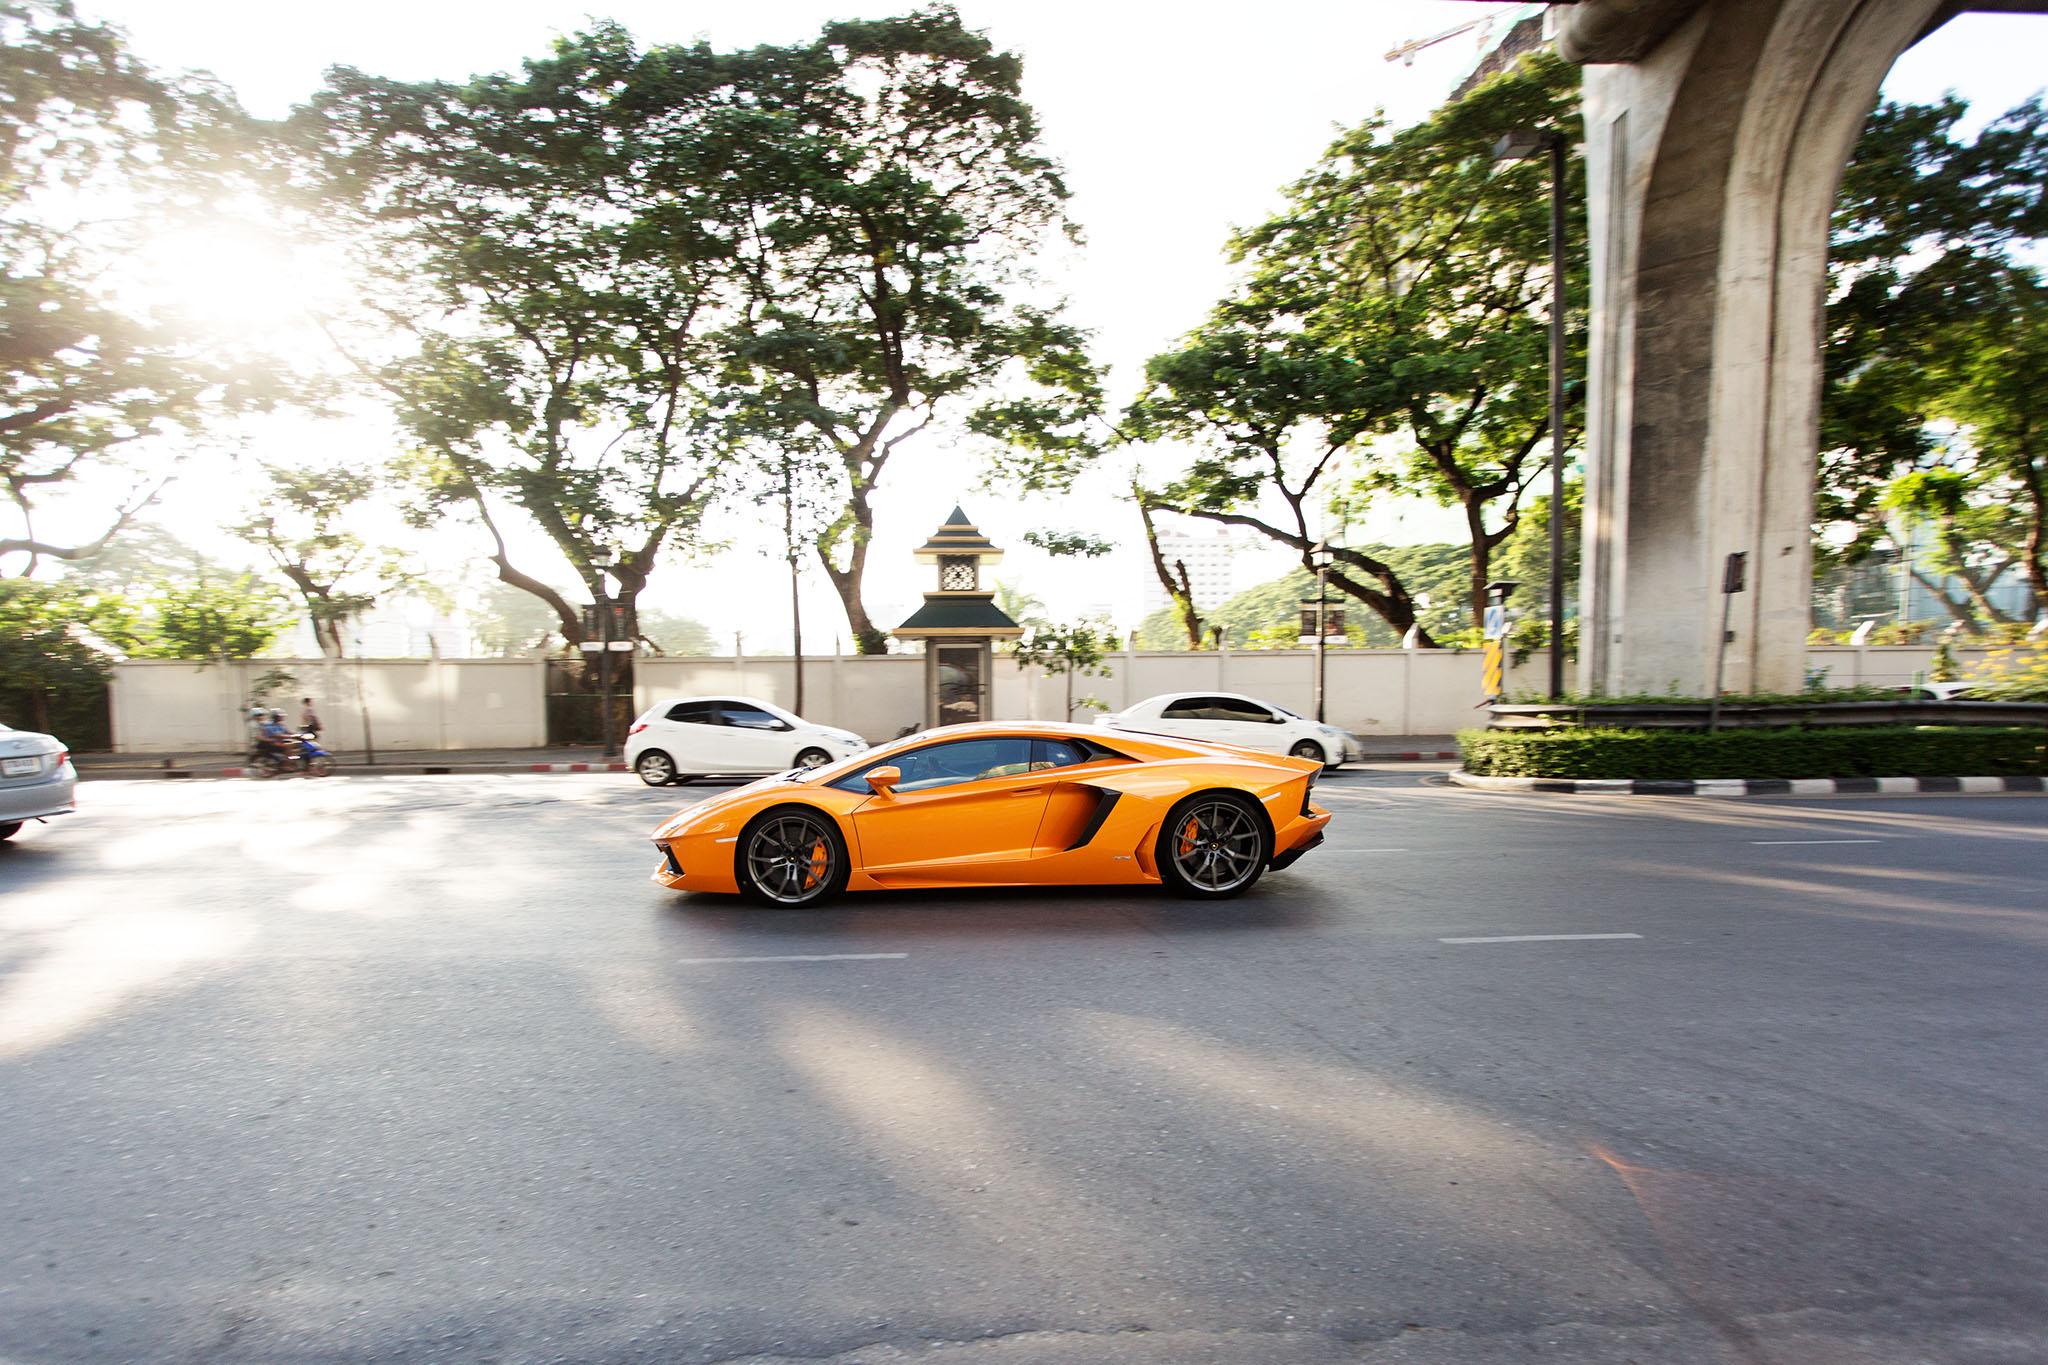 Lamborghini laranja